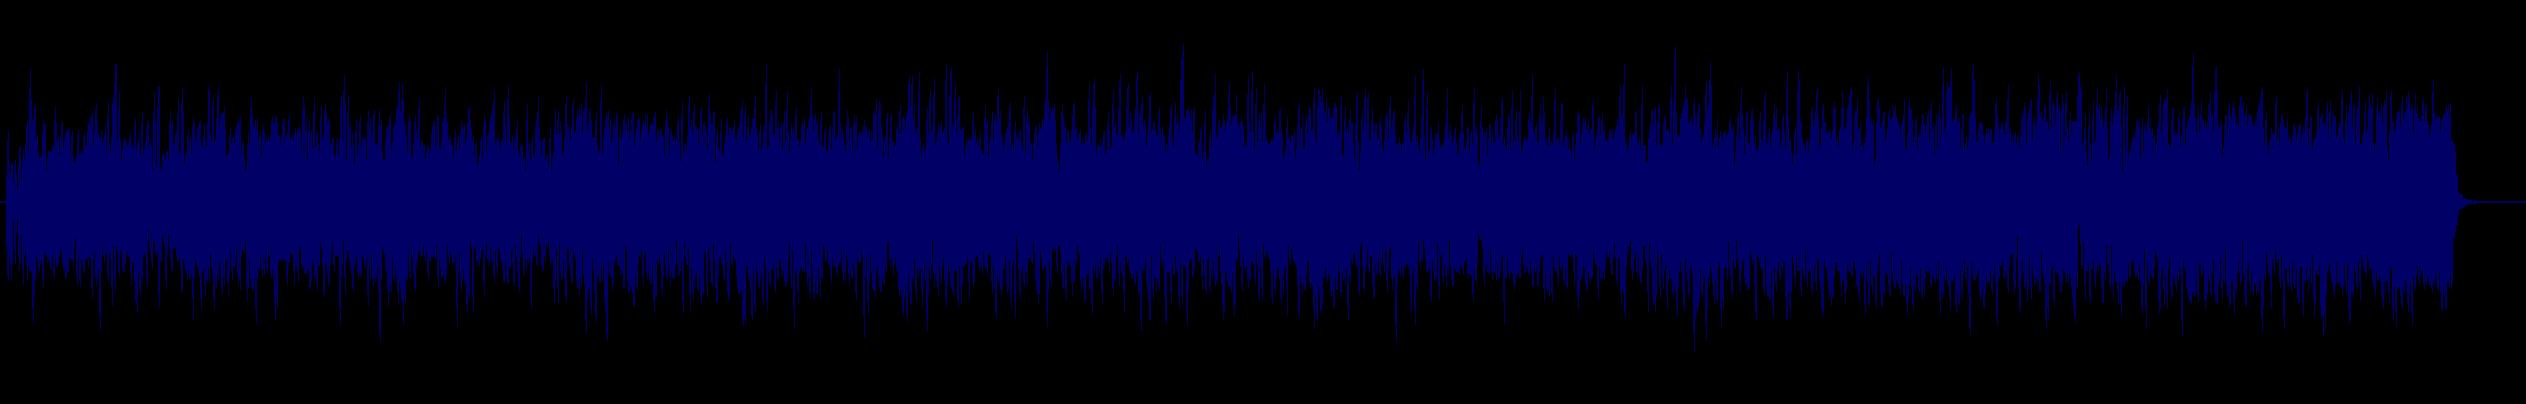 waveform of track #113087